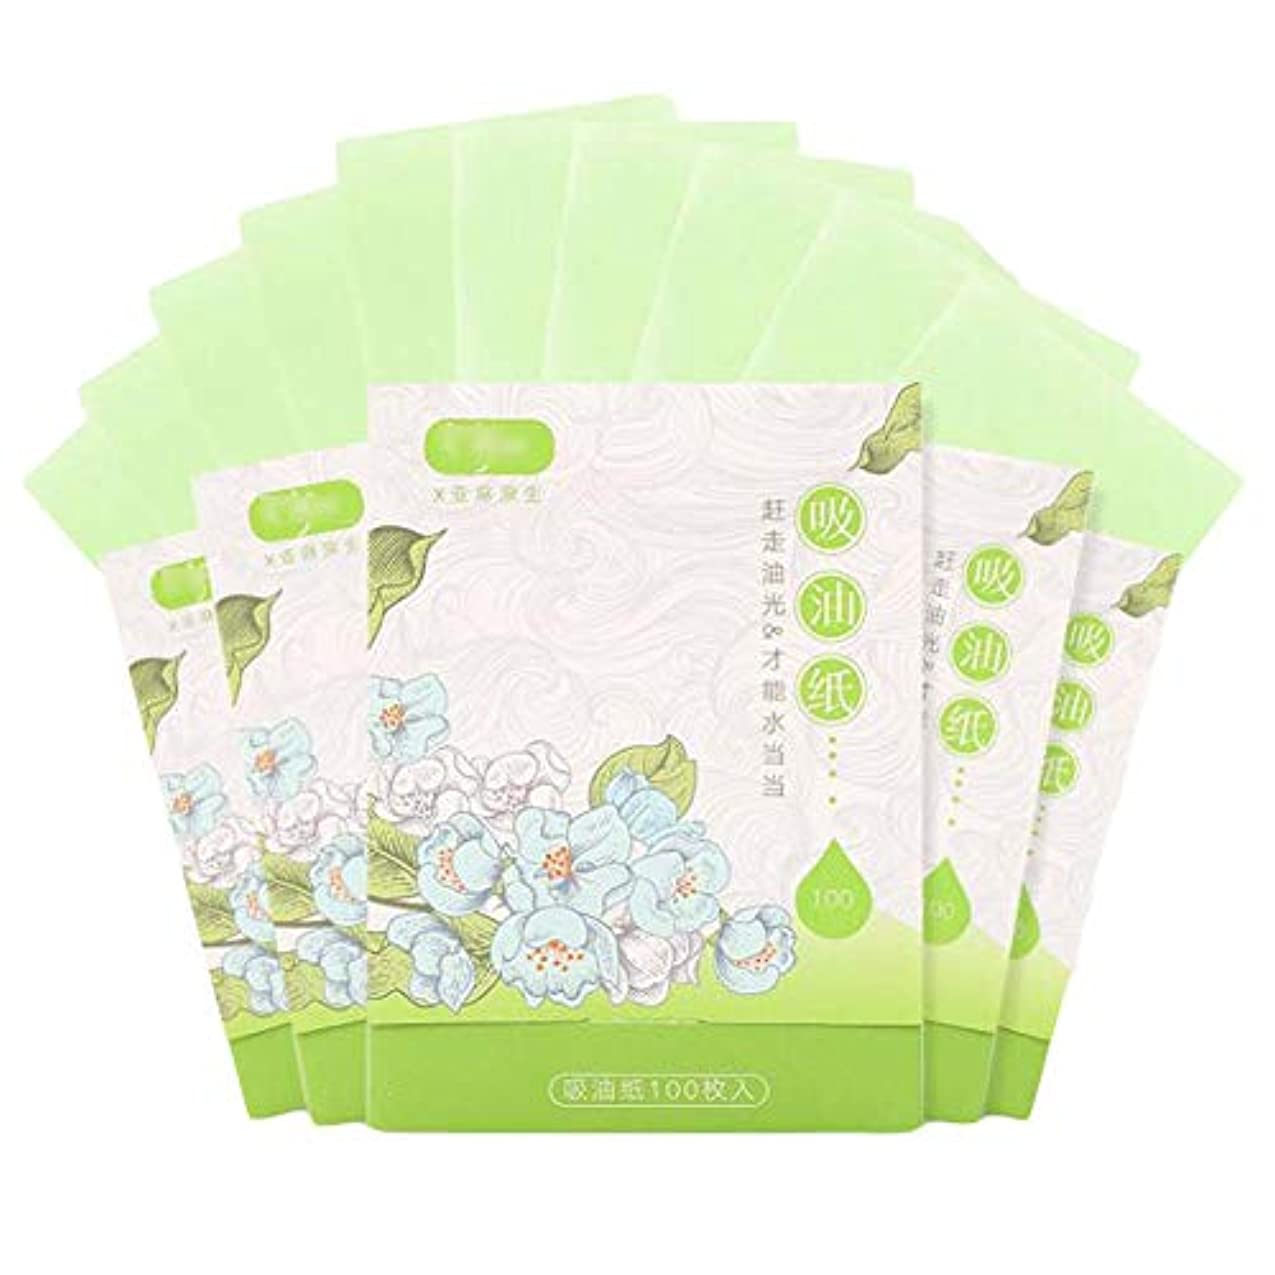 側溝大陸コピー人および女性のための携帯用顔オイルブロッティング紙、緑500枚のシート